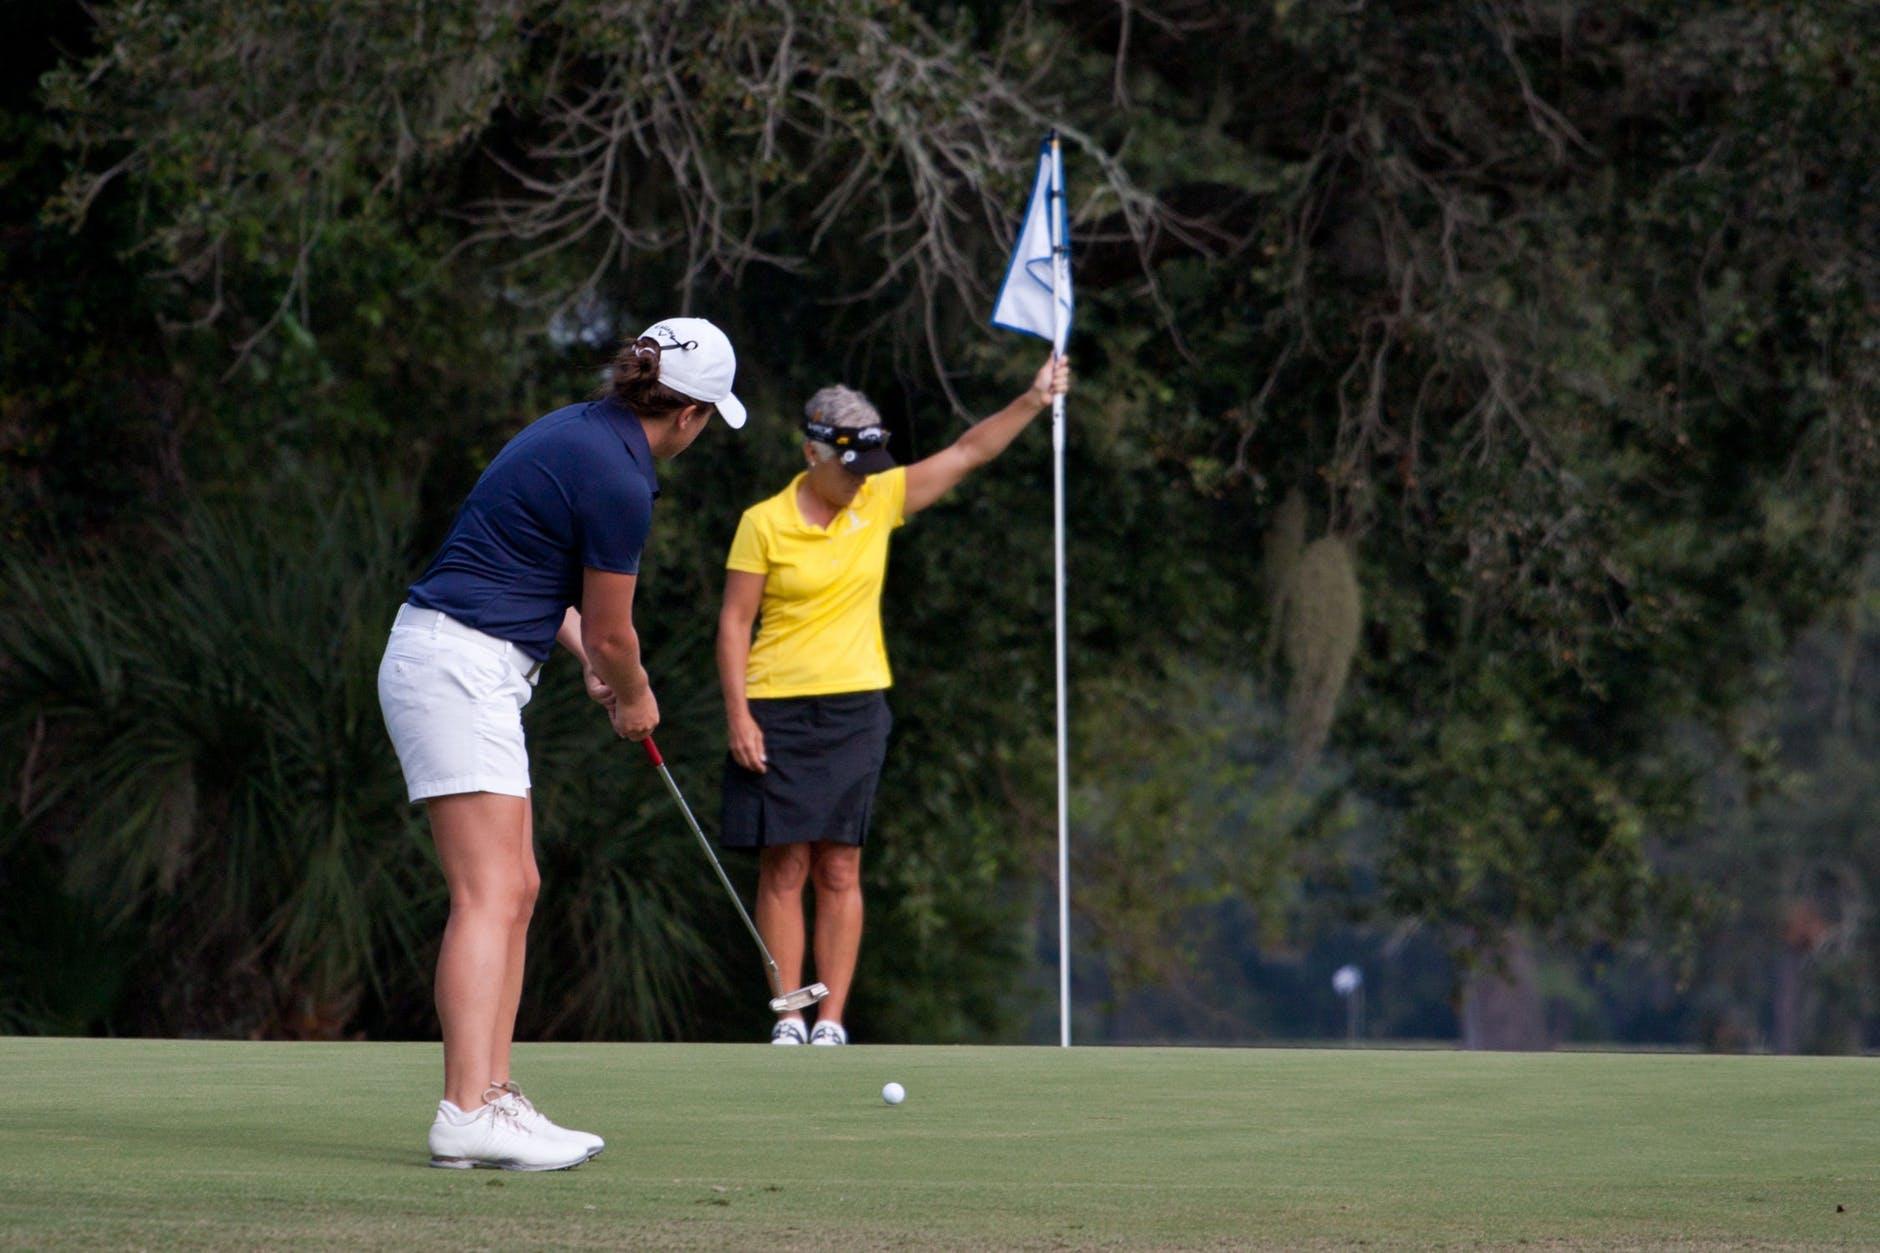 Damer som golfar